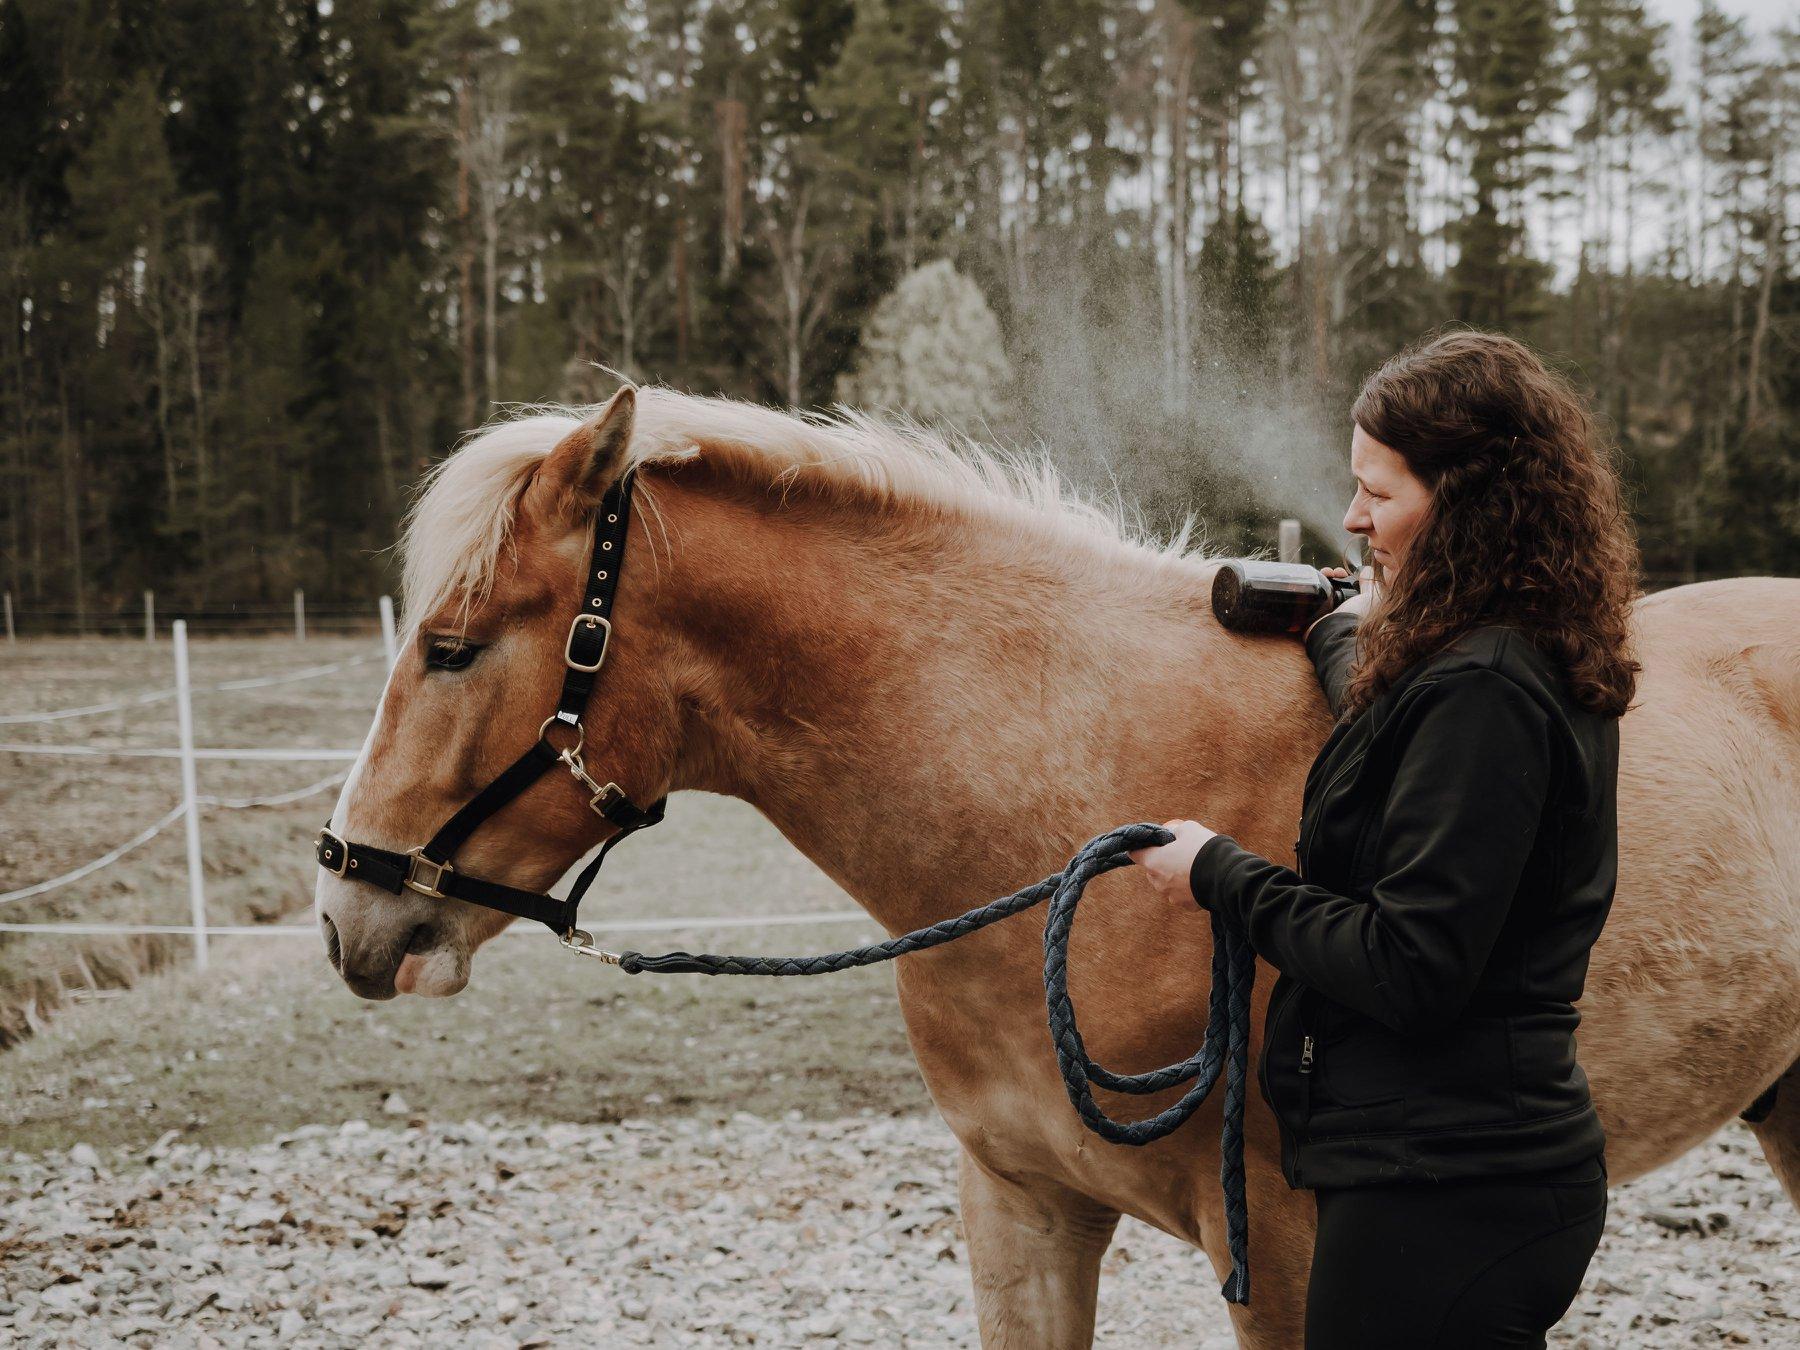 Näin totutat hevosen suihkepulloon